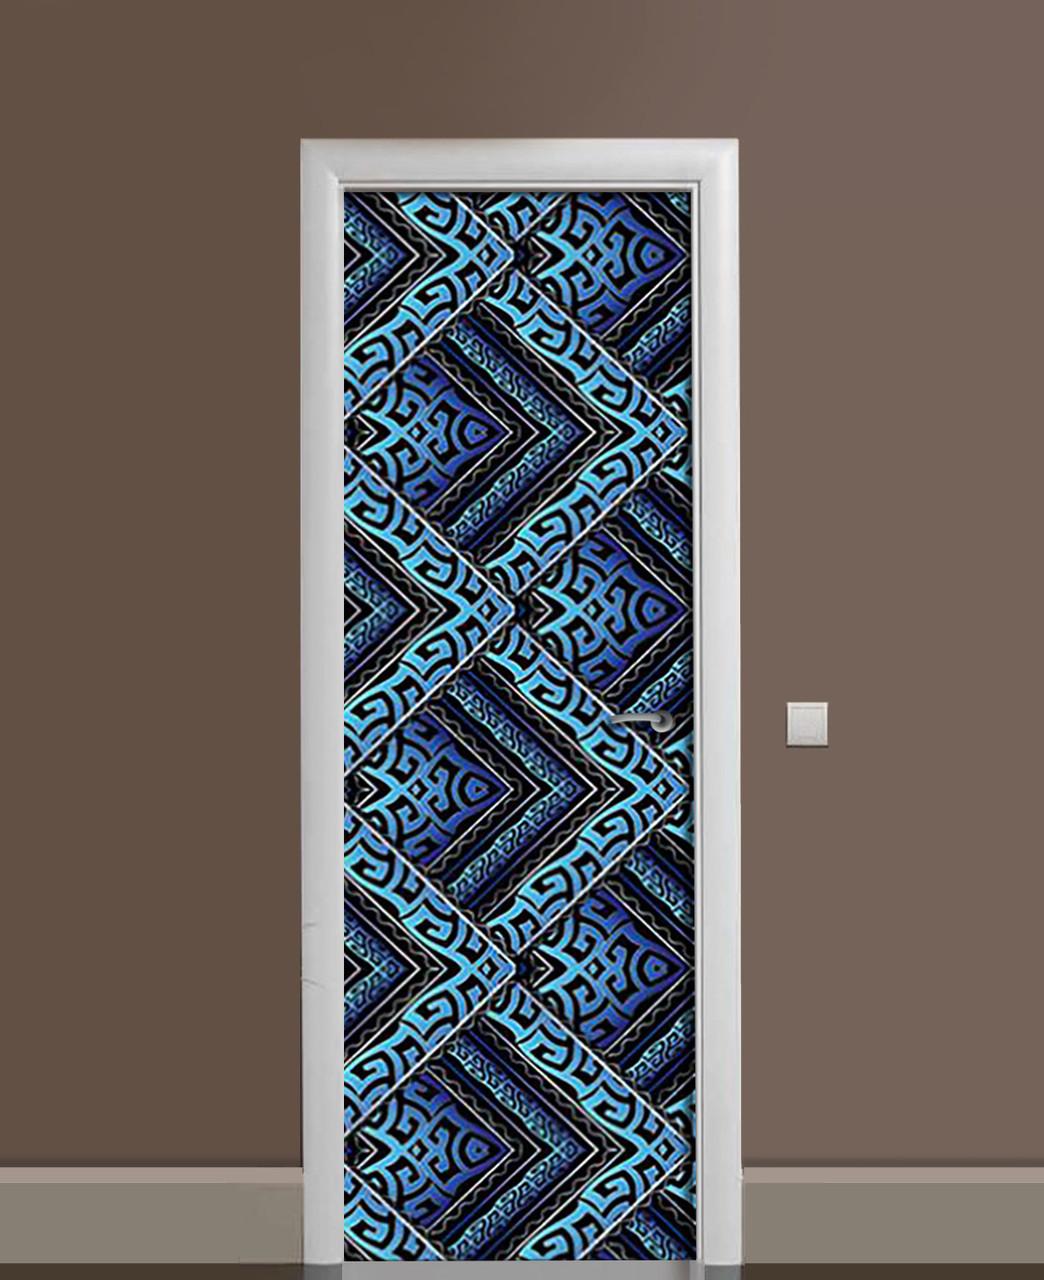 Виниловая наклейка на дверь Бирюзовый орнамент ПВХ пленка с ламинацией 65*200см Геометрия Синий